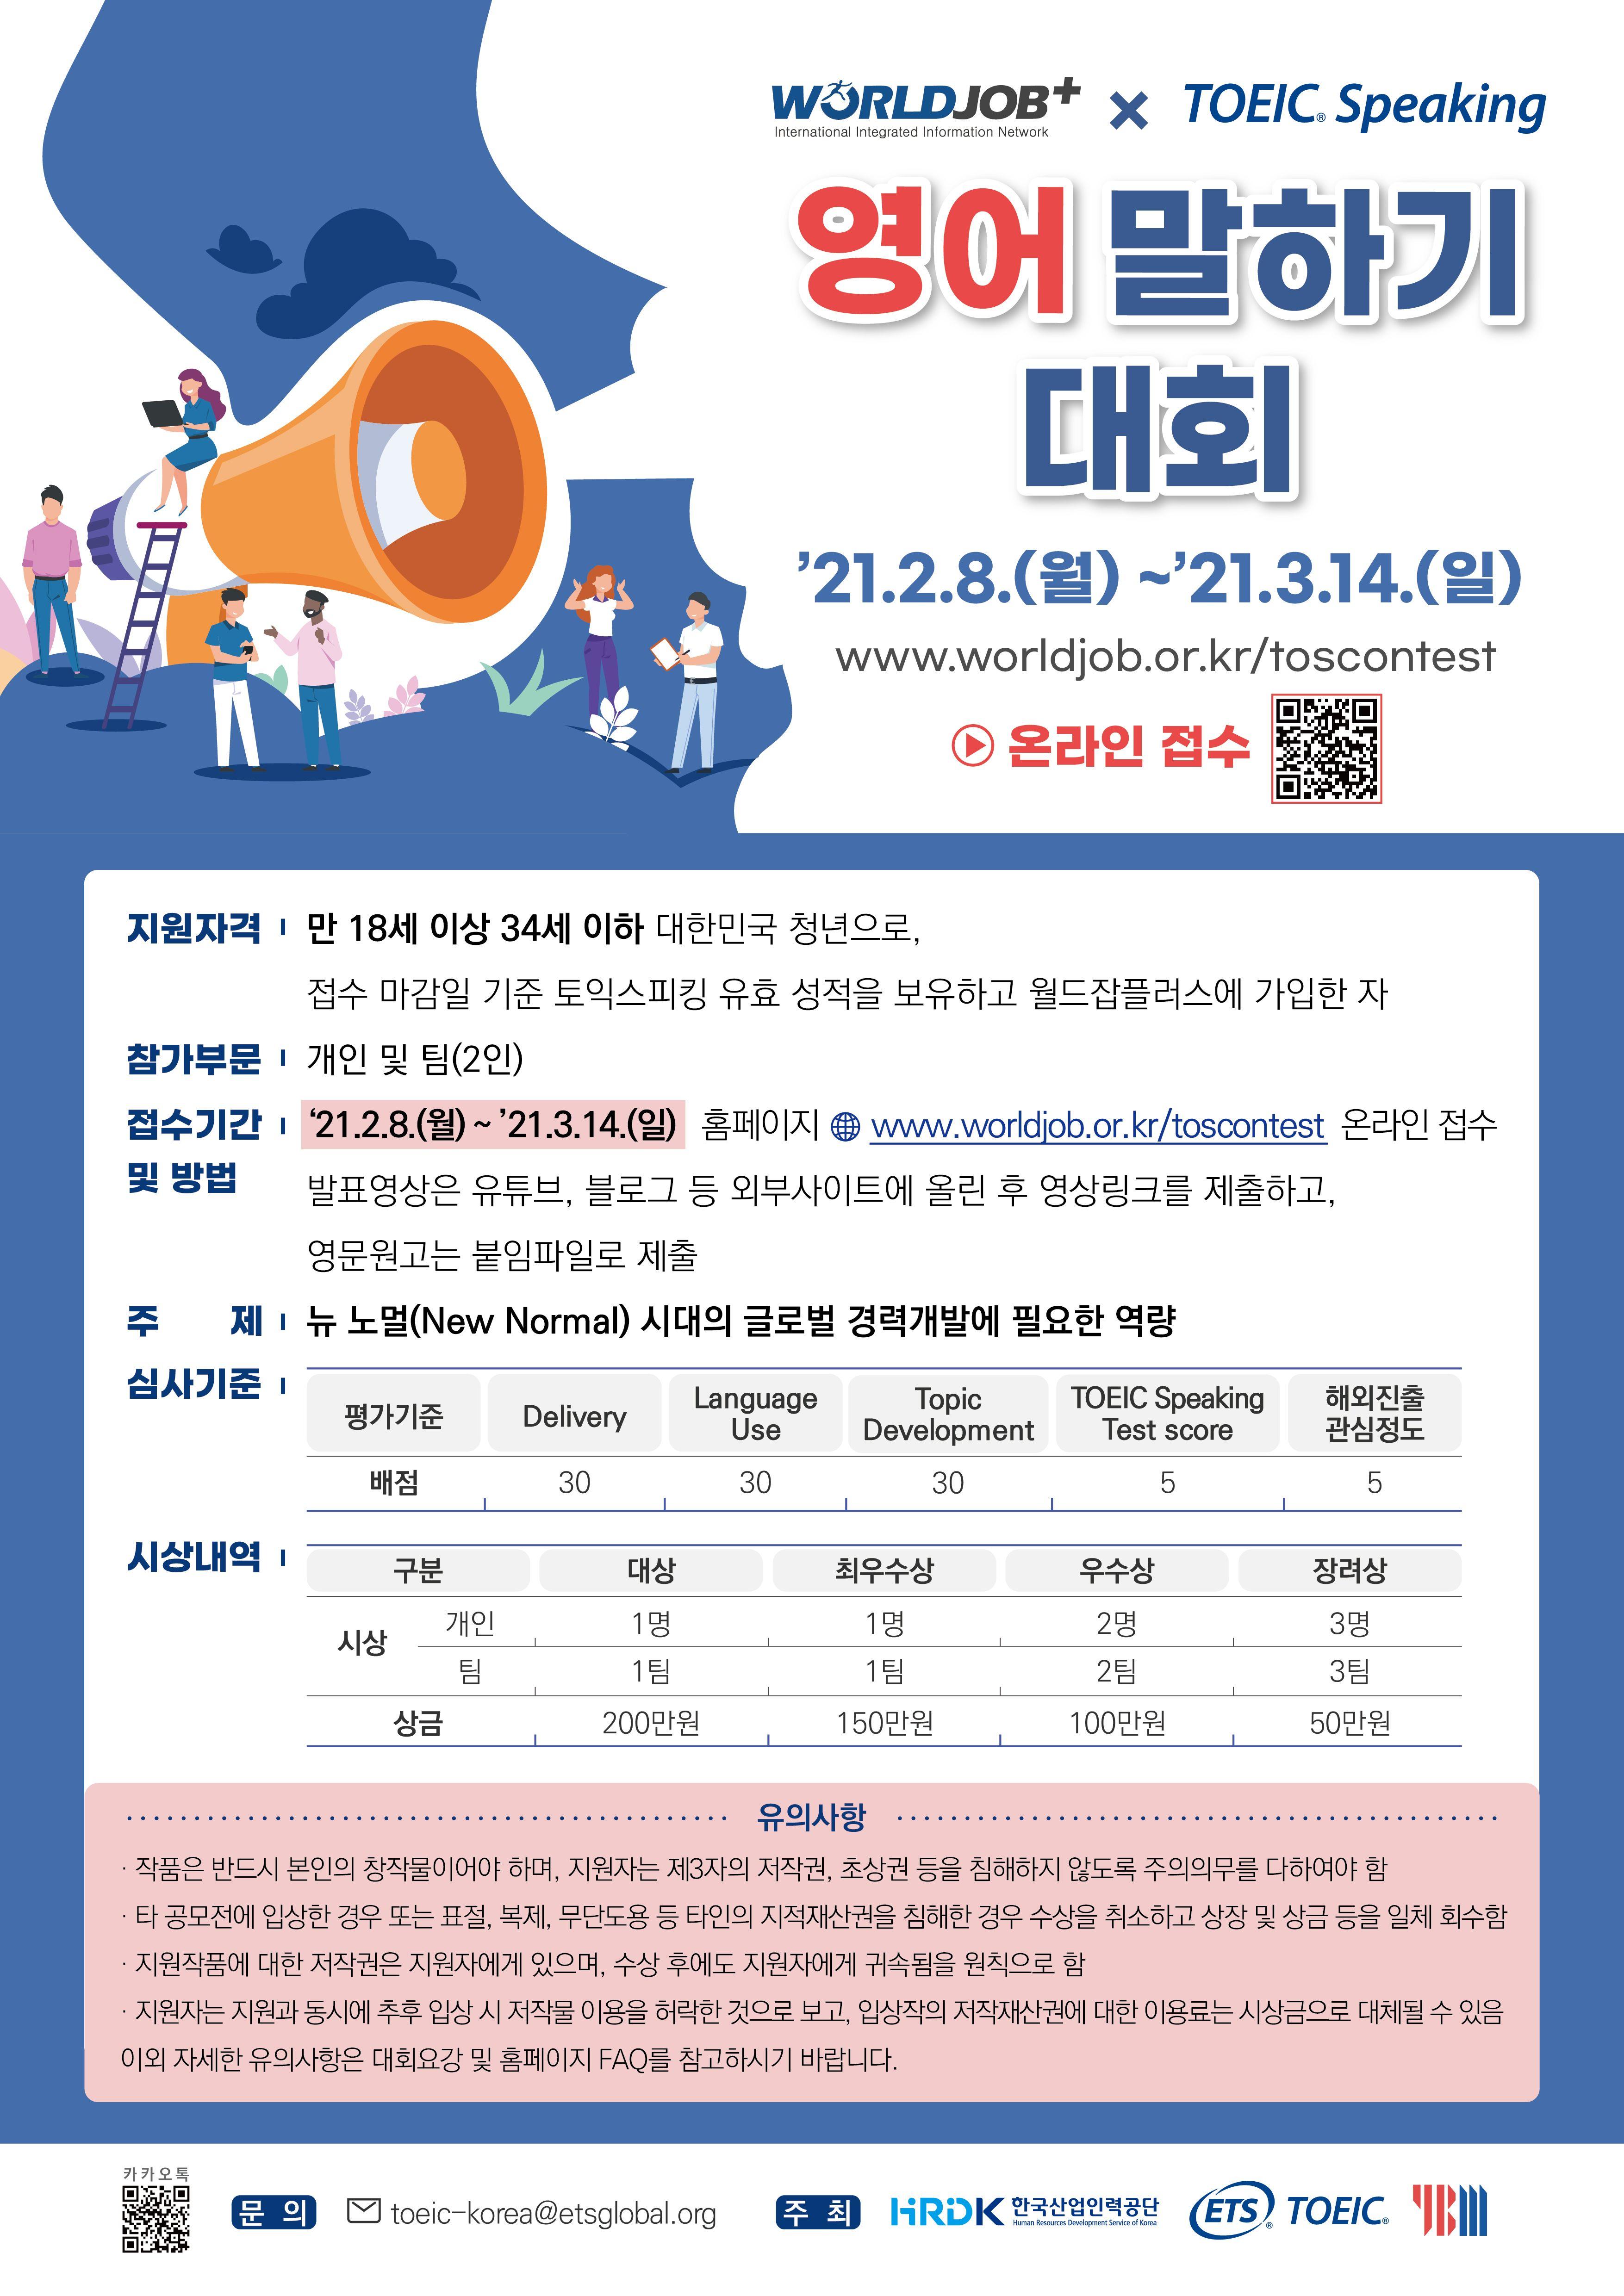 한국산업인력공단-ETS Korea-YBM 월드잡플러스 X 토익스피킹 영어 말하기 대회